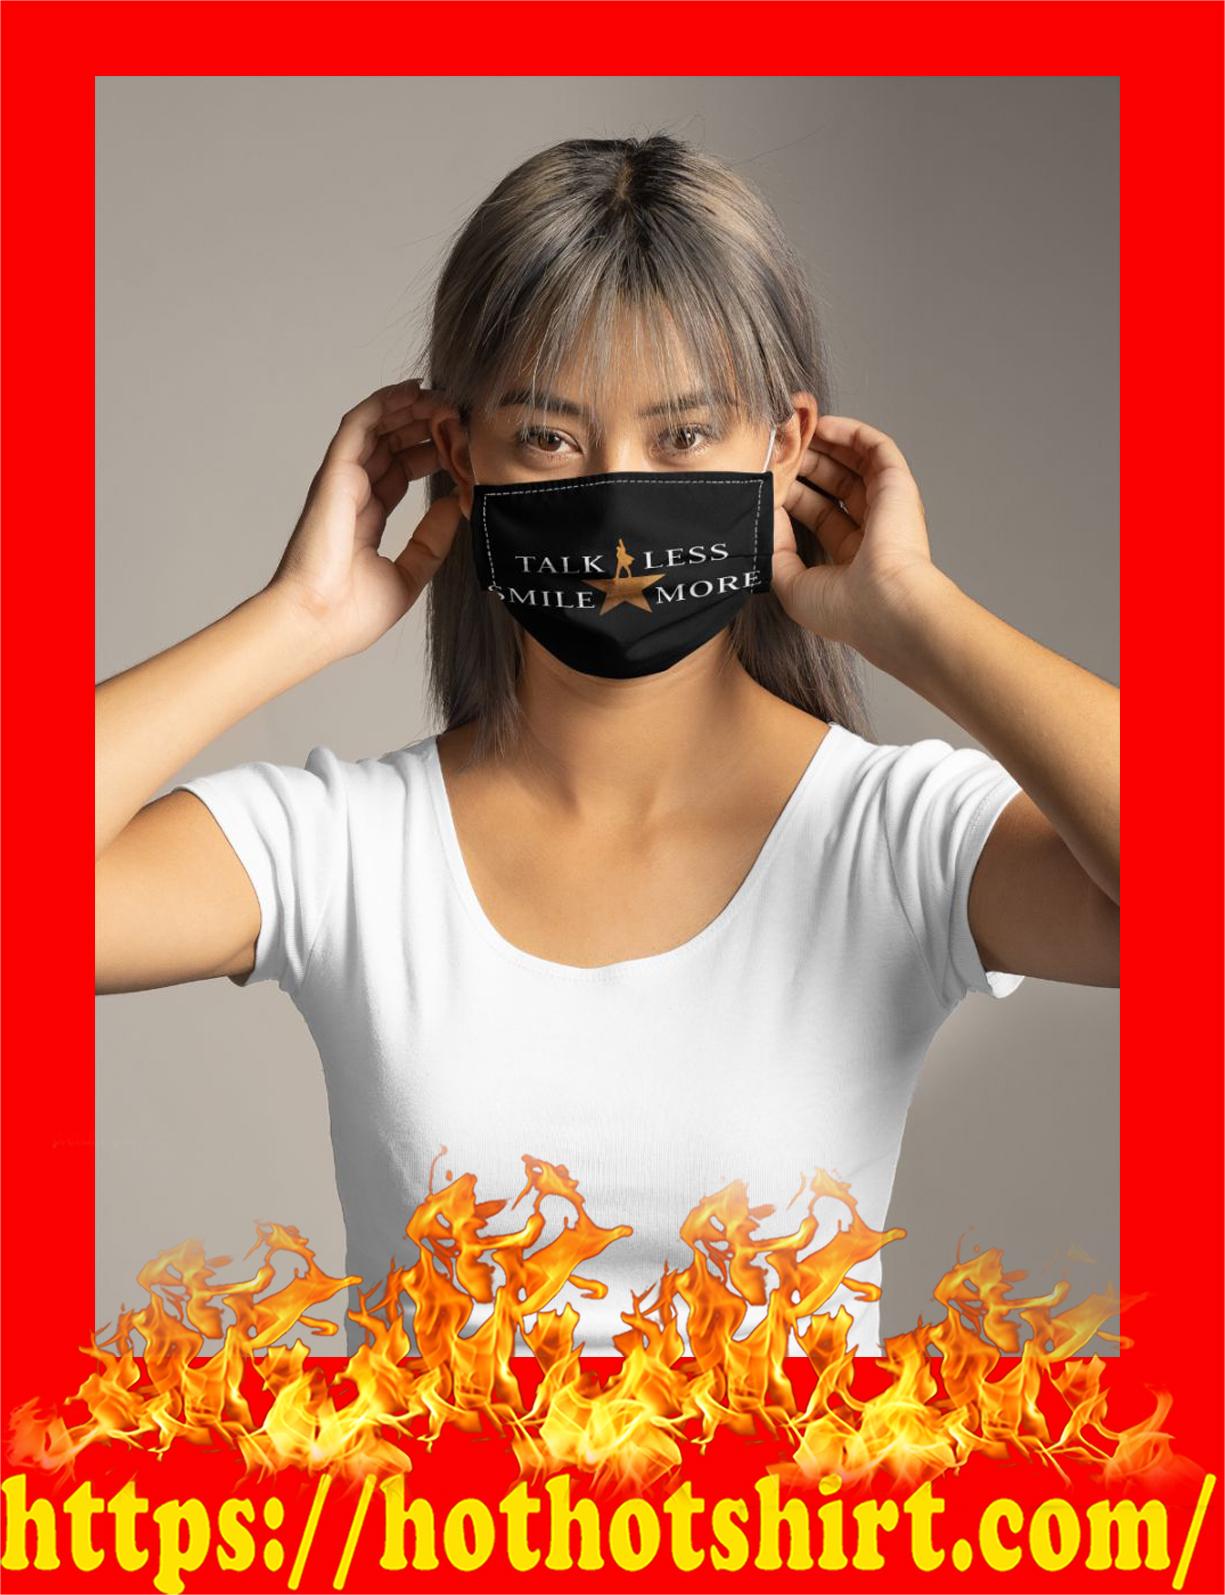 Talk less smile more face mask